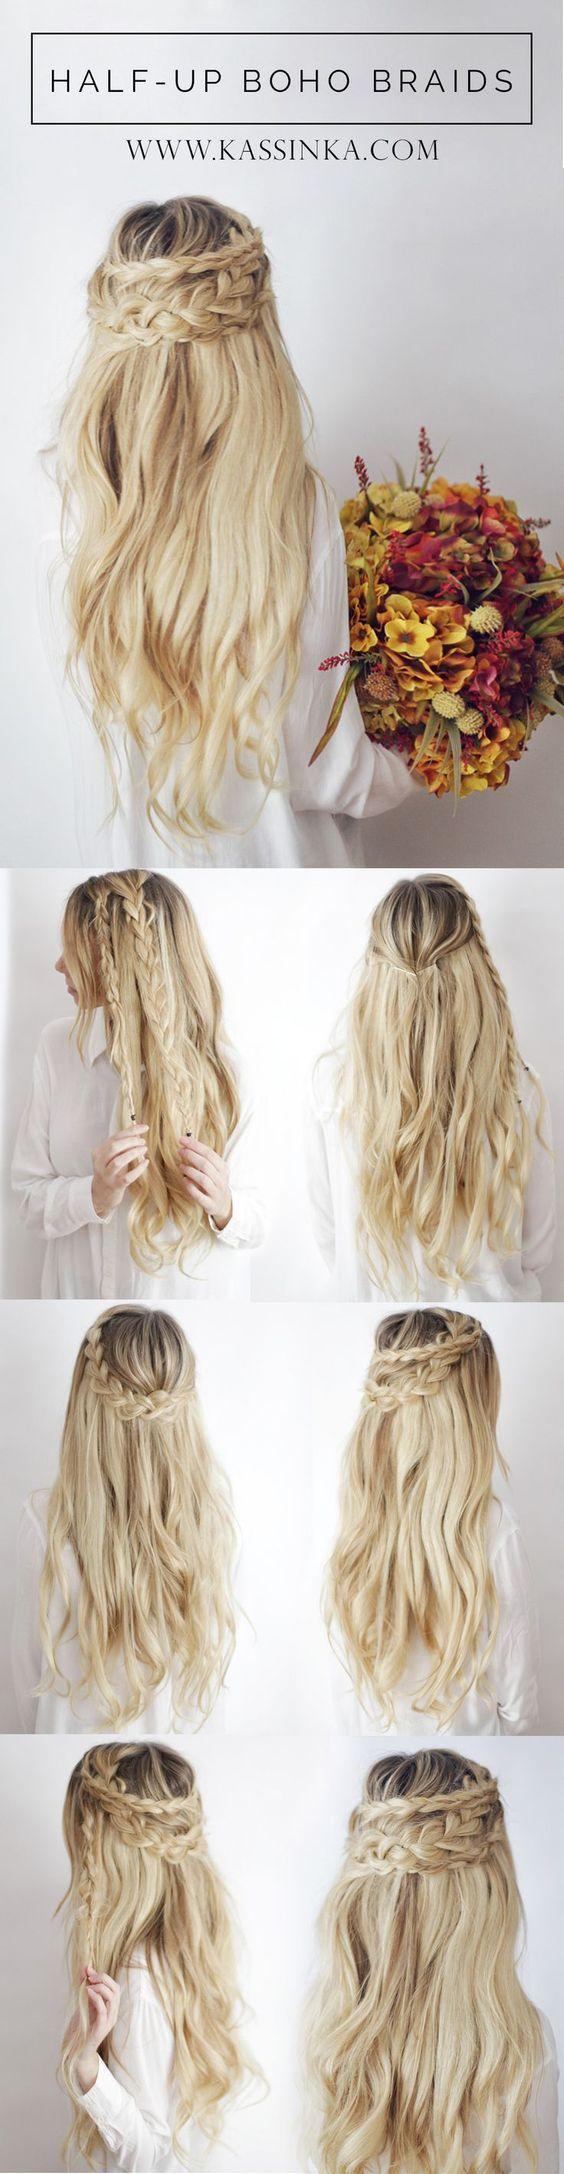 Hair Tutorial with Luxy Hair on Kassinka…: